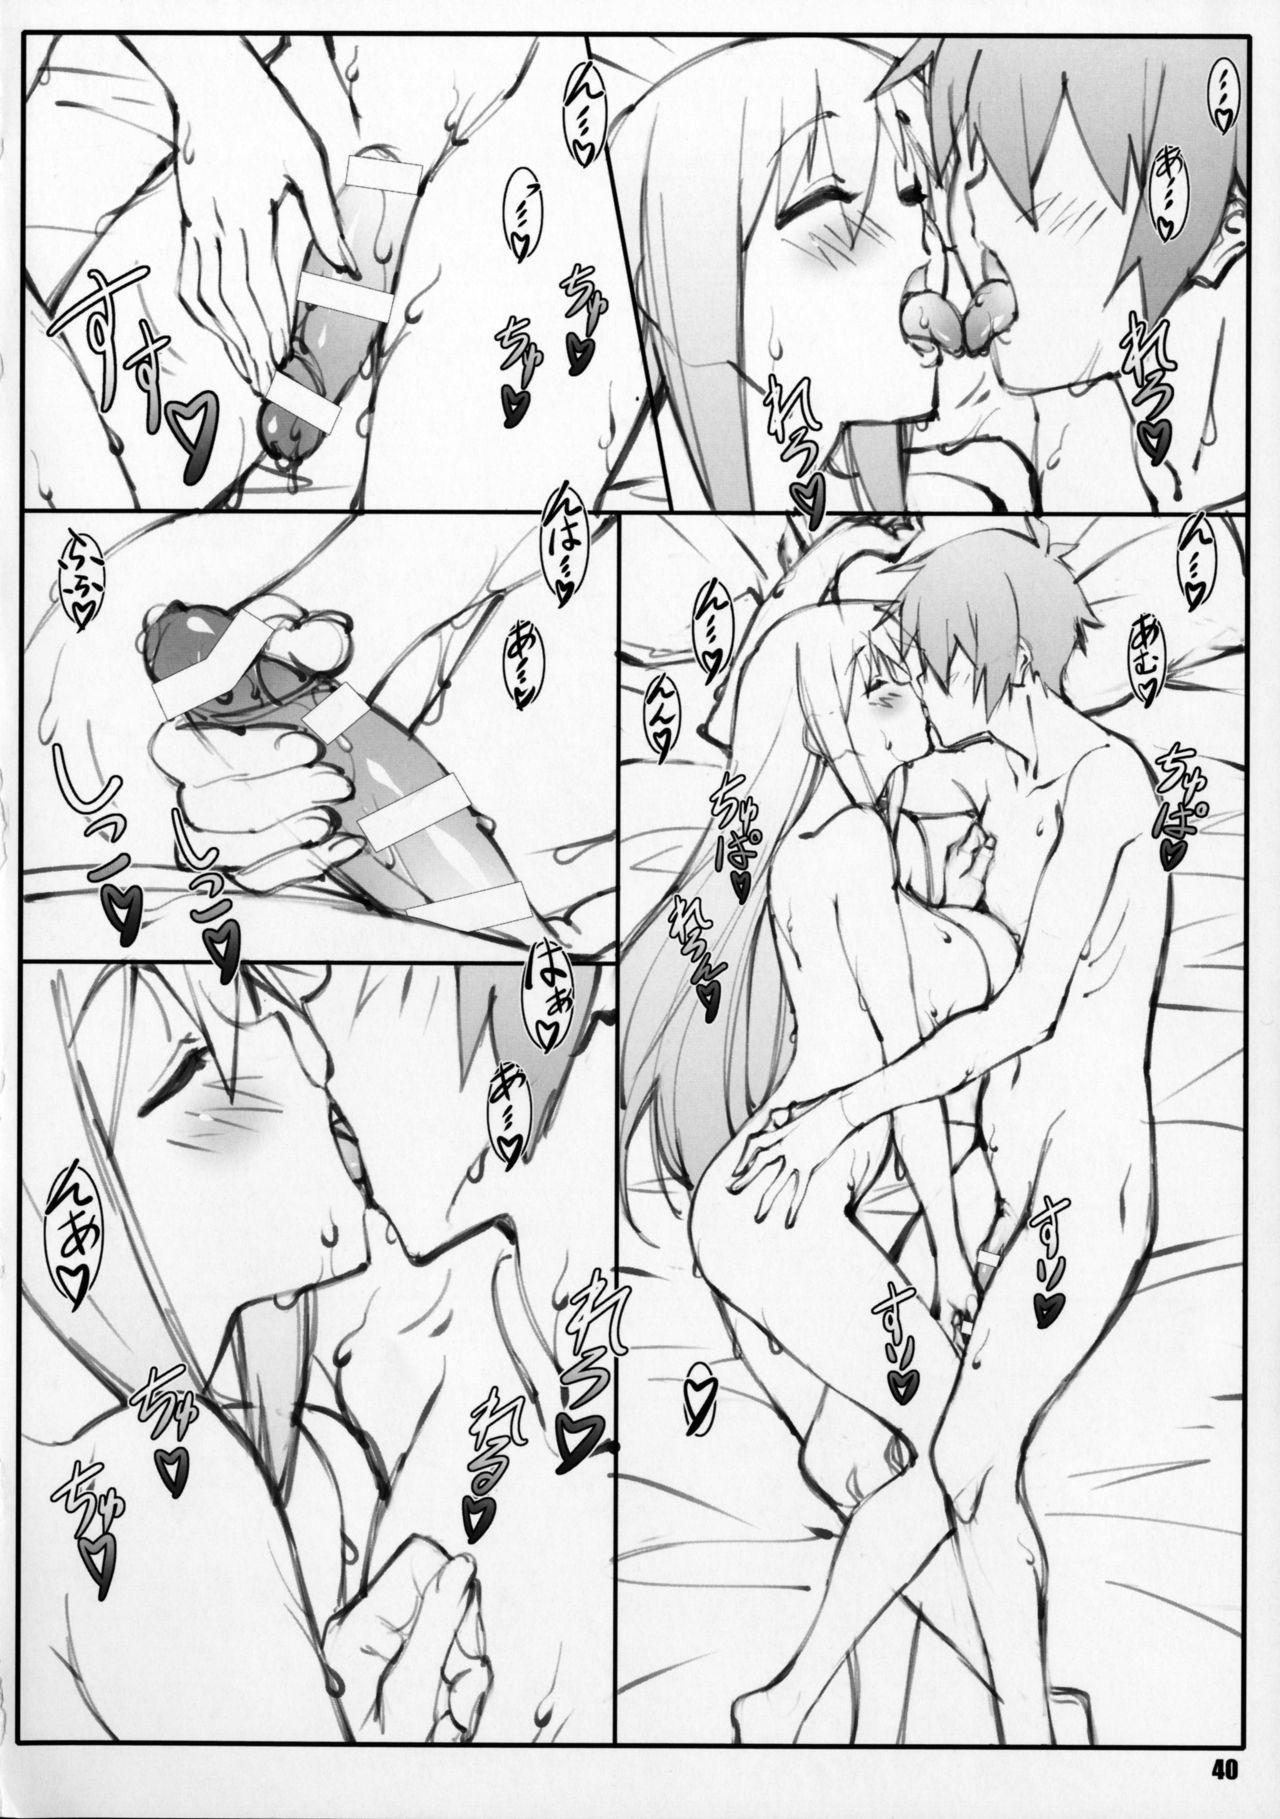 Noro Chizu Ⅲ 38